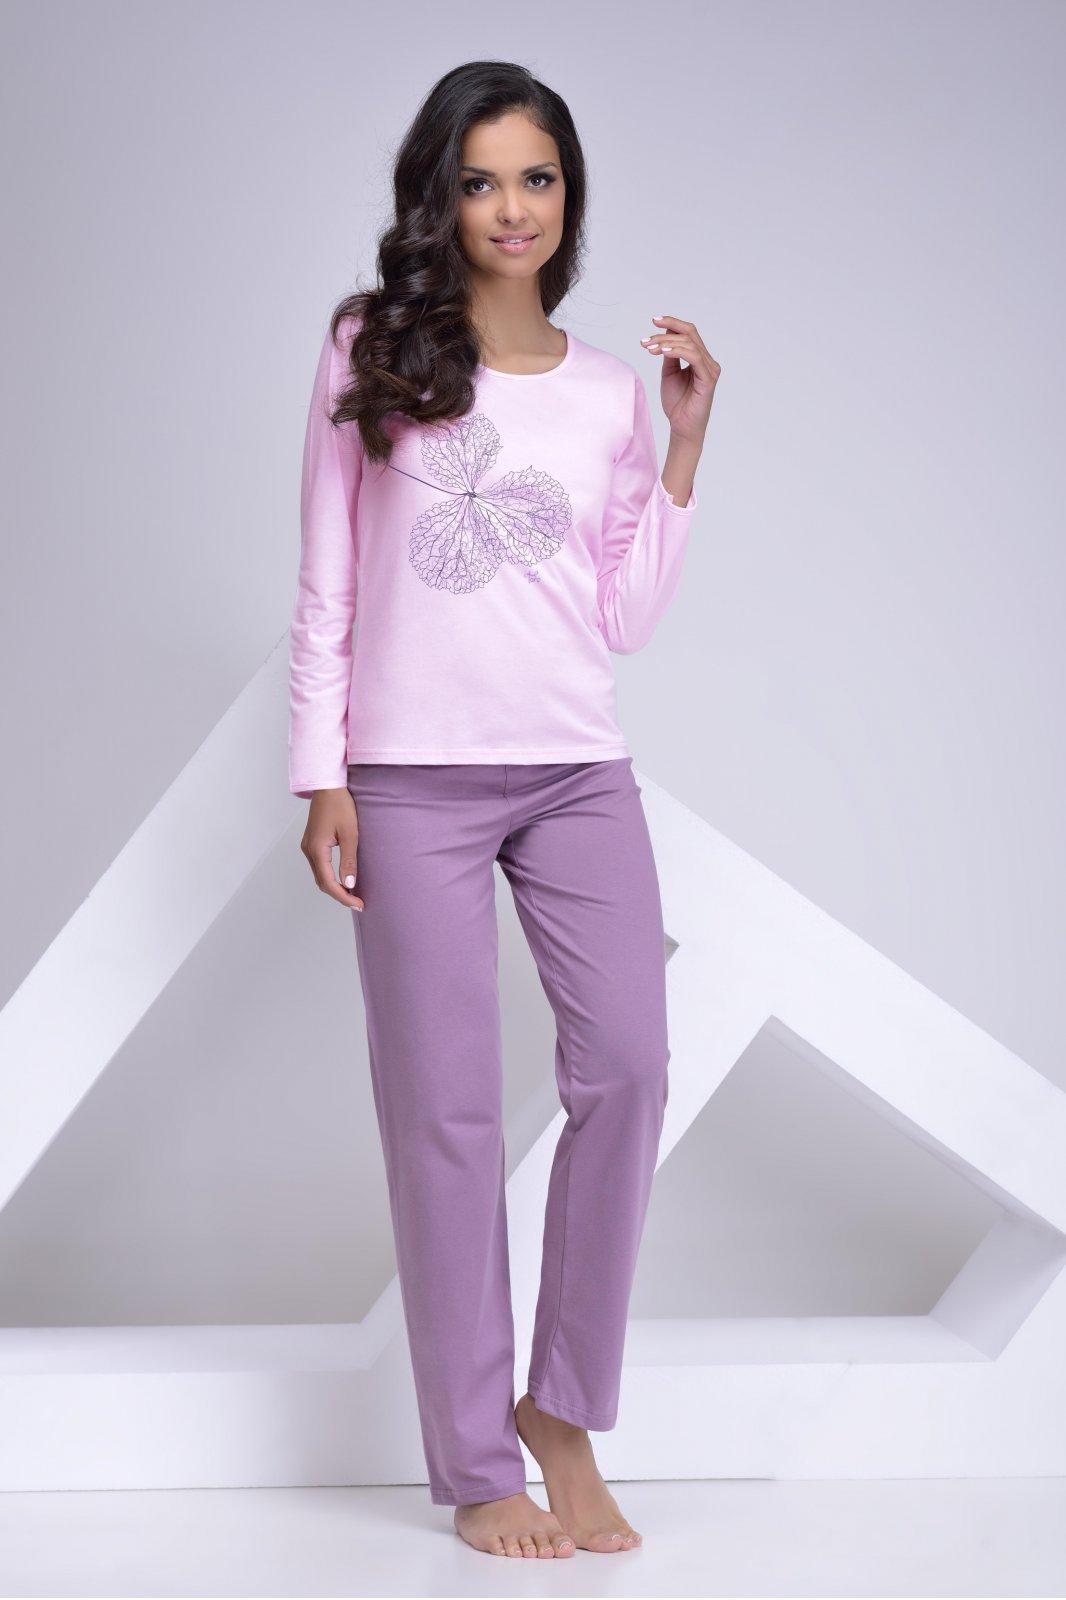 e45458e6e5b Taro Dámské pyžamo Sylvie růžové XL • Zboží.cz